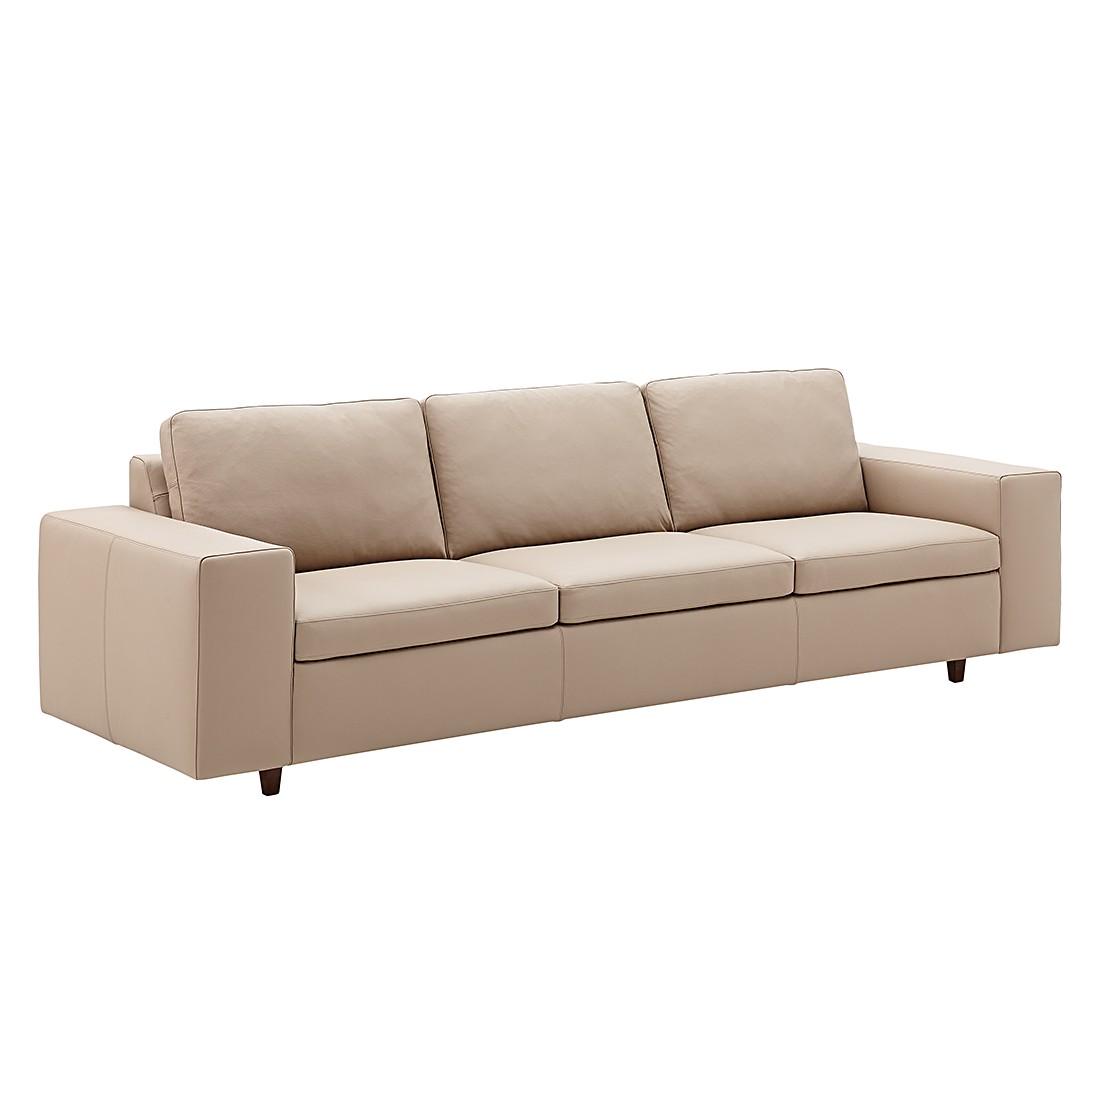 Sofa Wega (4-Sitzer) - Echtleder - Taupe, Machalke Polsterwerkstätten